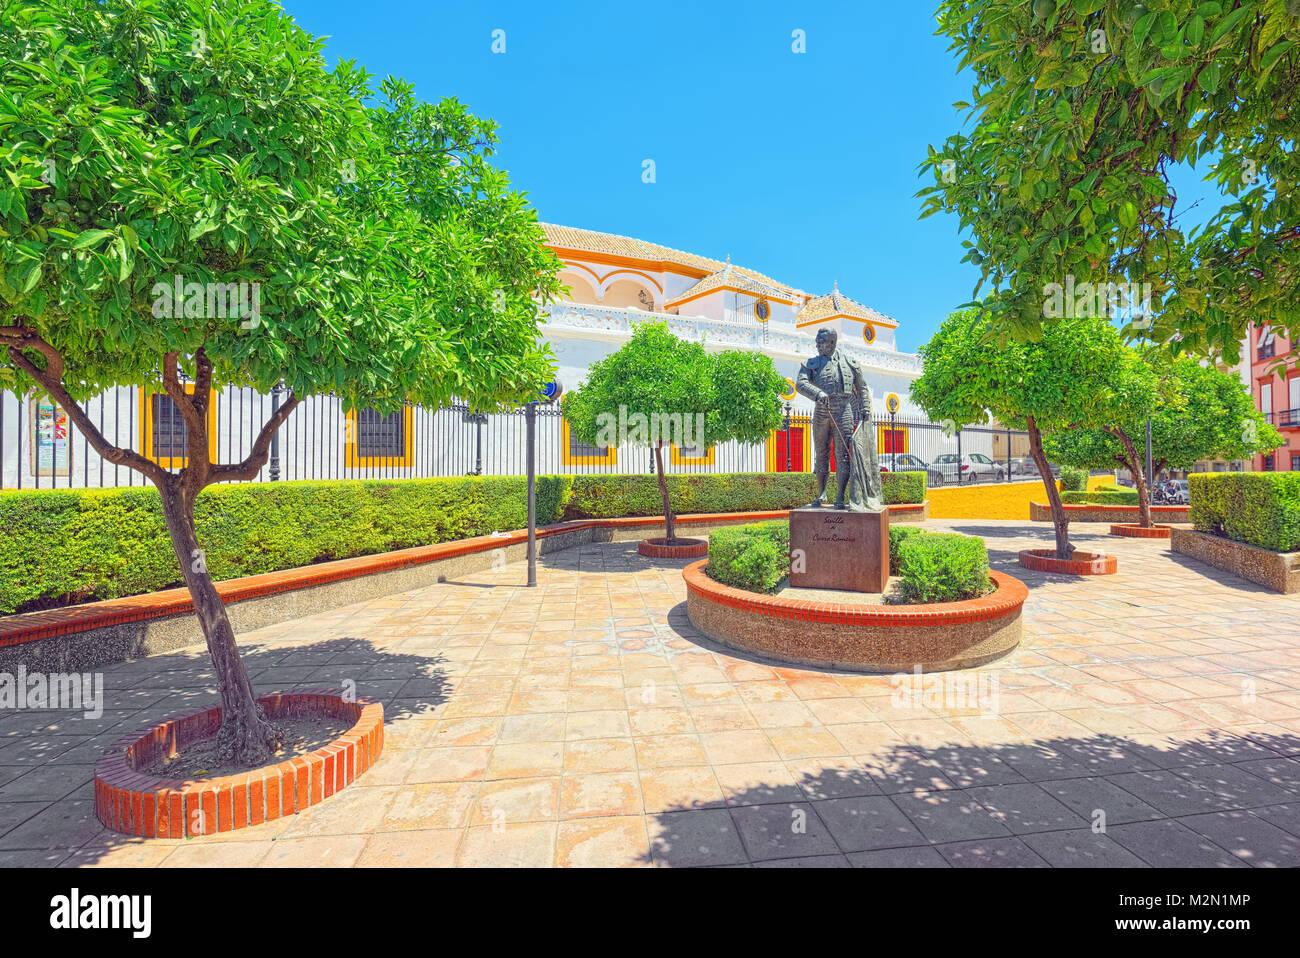 Sculpture near Arena on of Square of bulls Royal Maestranza of Cavalry in Seville.(Plaza de toros de la Real Maestranza - Stock Image